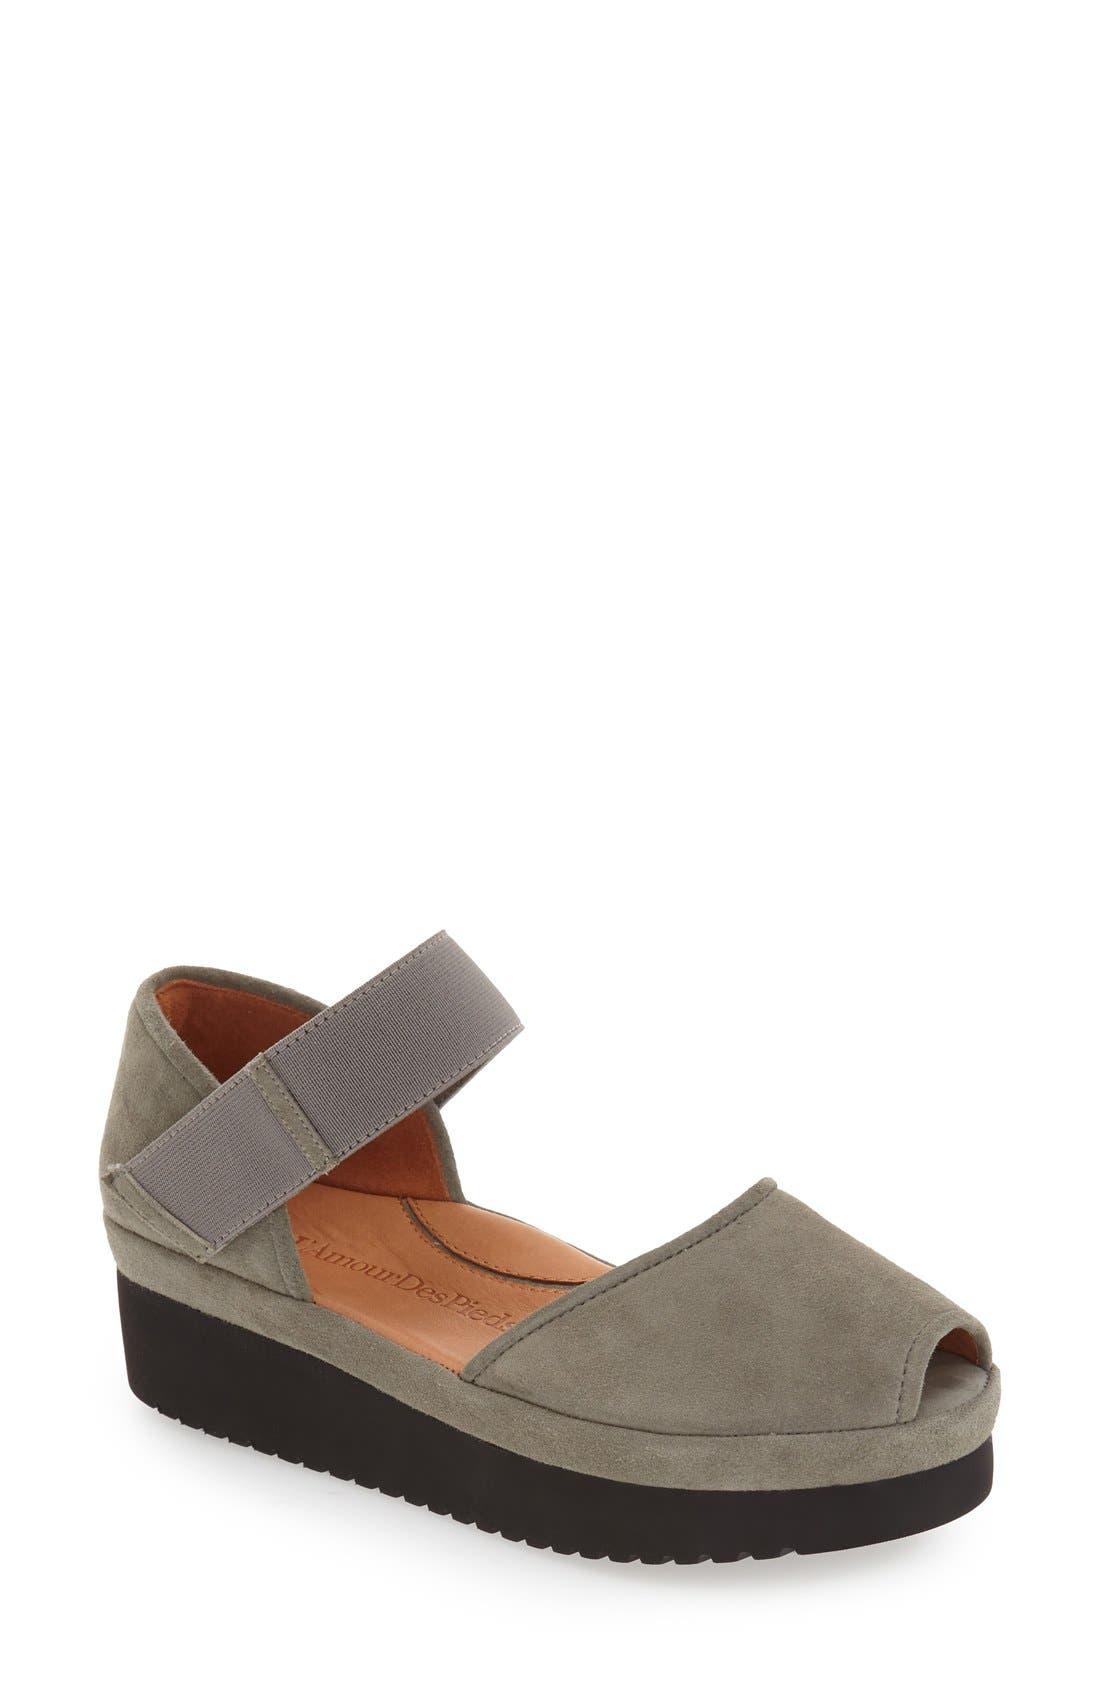 'Amadour' Platform Sandal,                             Main thumbnail 4, color,